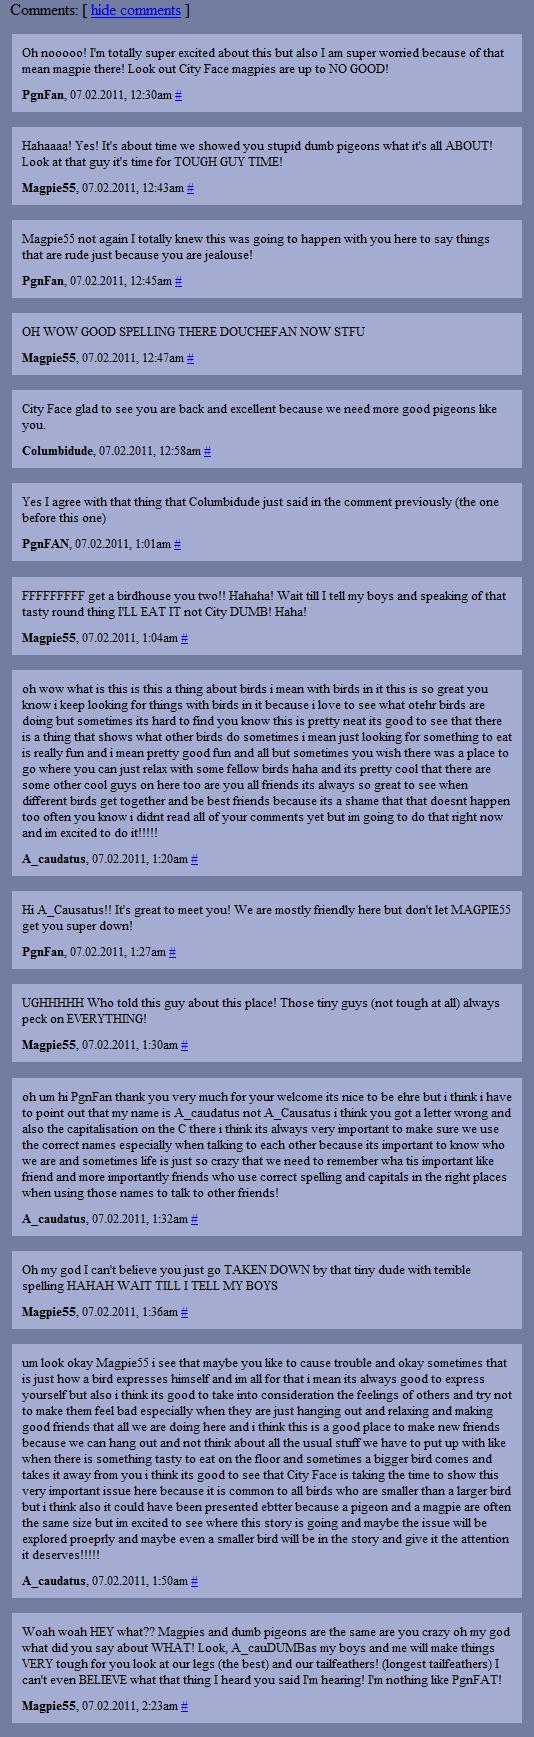 Cityface2 comments 1